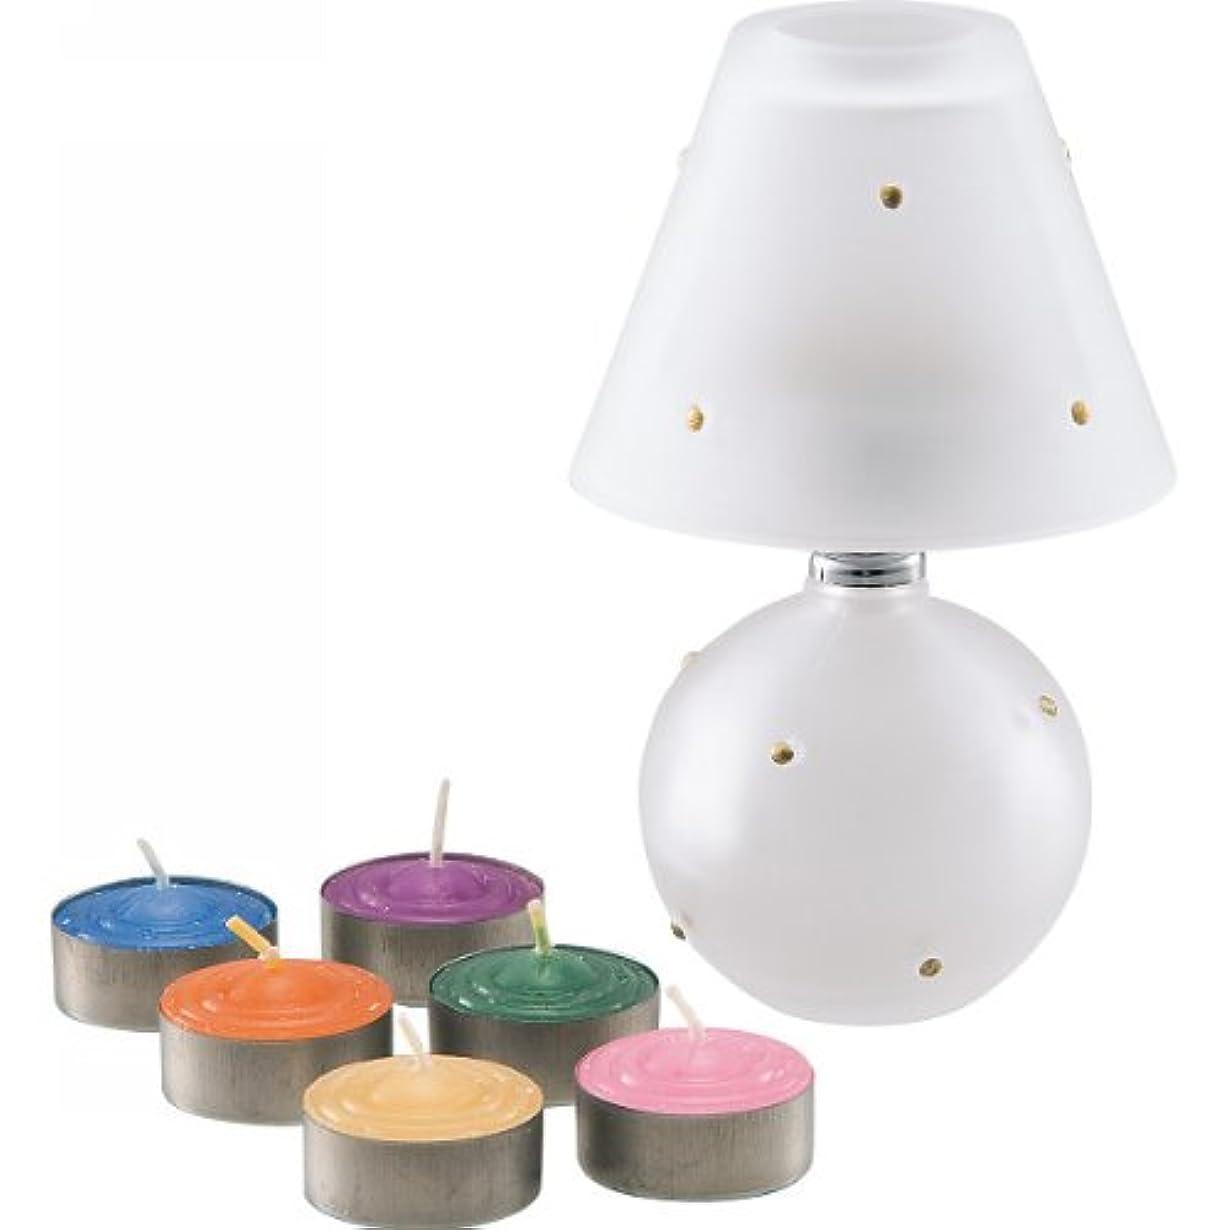 征服昆虫を見る添加剤ランプ&アロマキャンドル